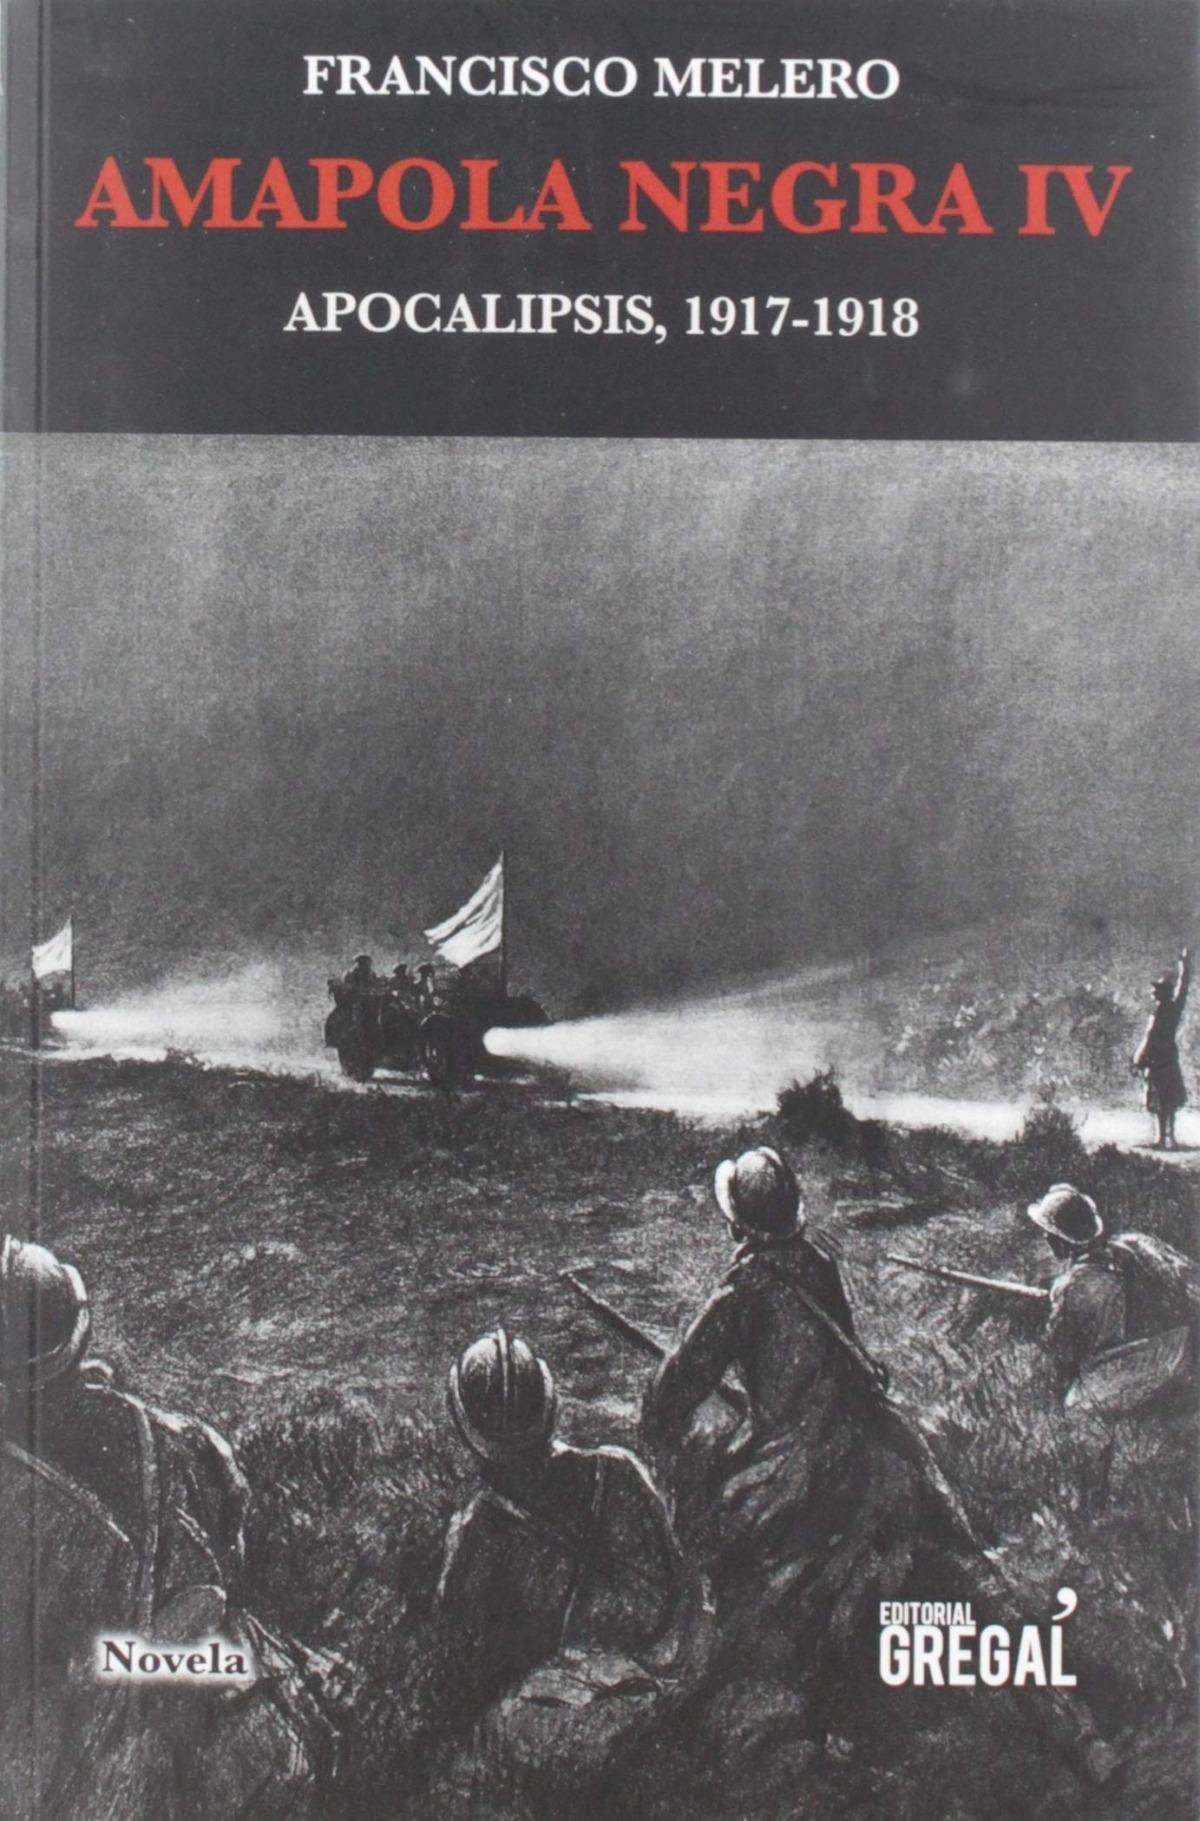 Amapola negra iv, apocalipsis 1917-1918